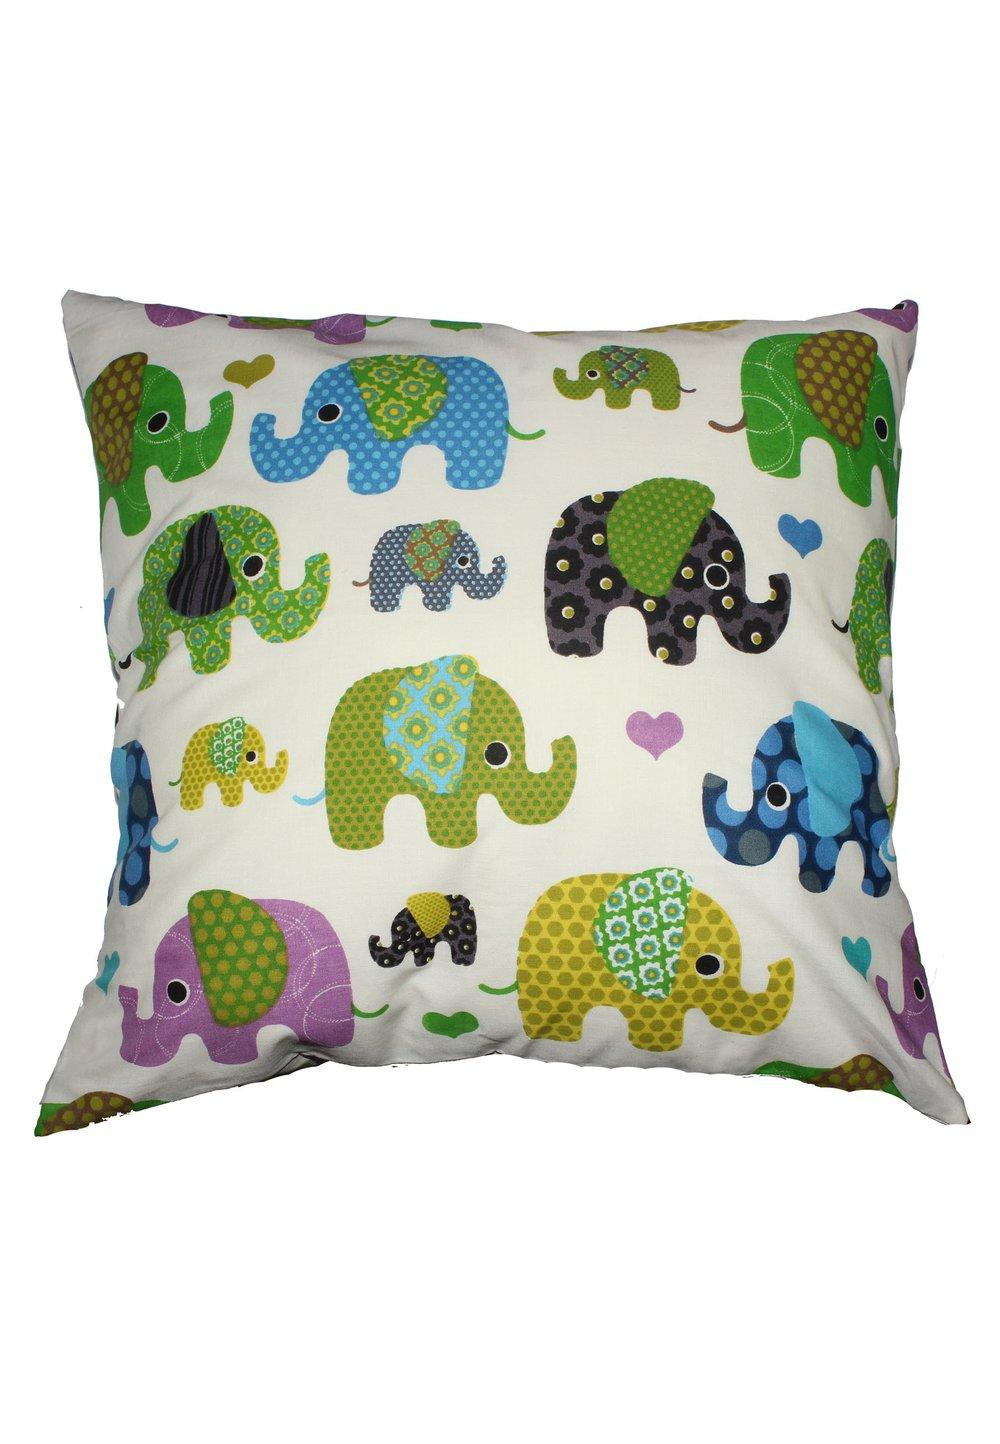 Perna, elefantei, turcoaz, 40x40cm imagine